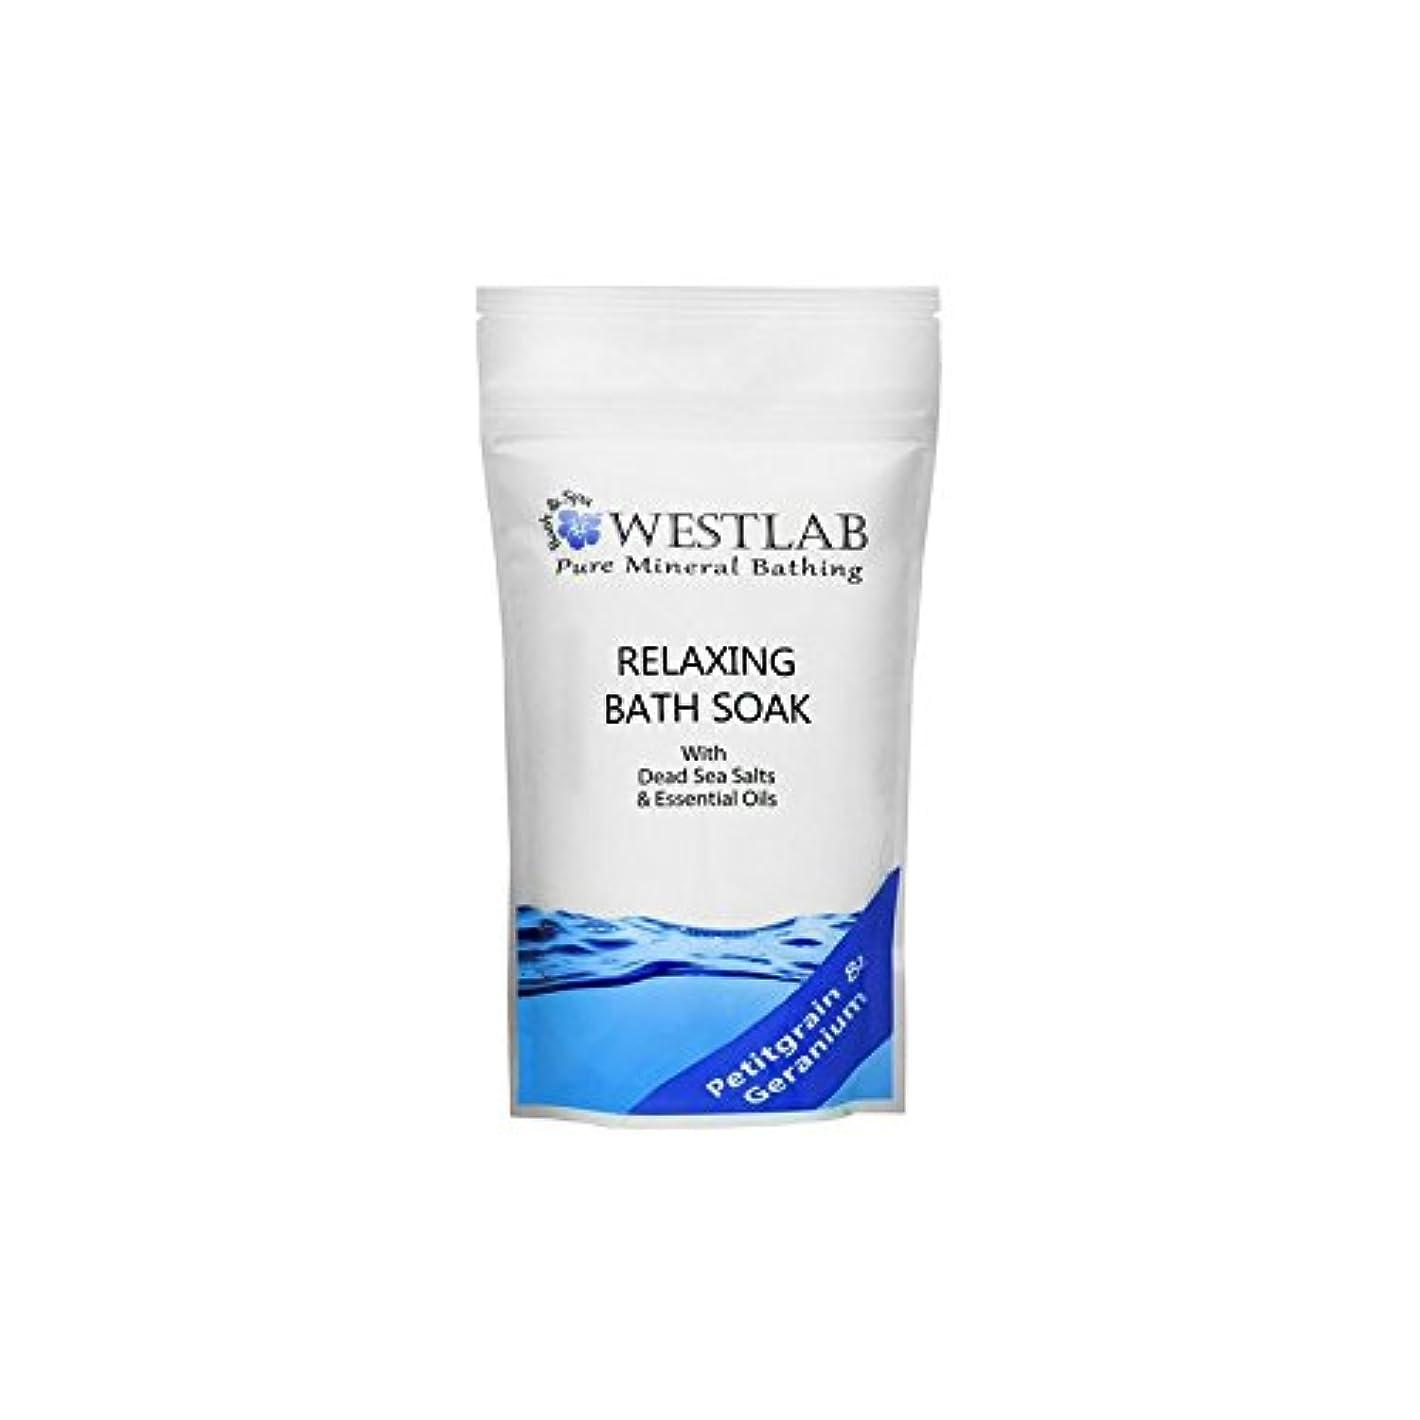 降下チェリー色Westlab Relax Dead Sea Salt Bath Soak (500g) (Pack of 6) - 死海の塩浴浸漬(500グラム)をリラックス x6 [並行輸入品]